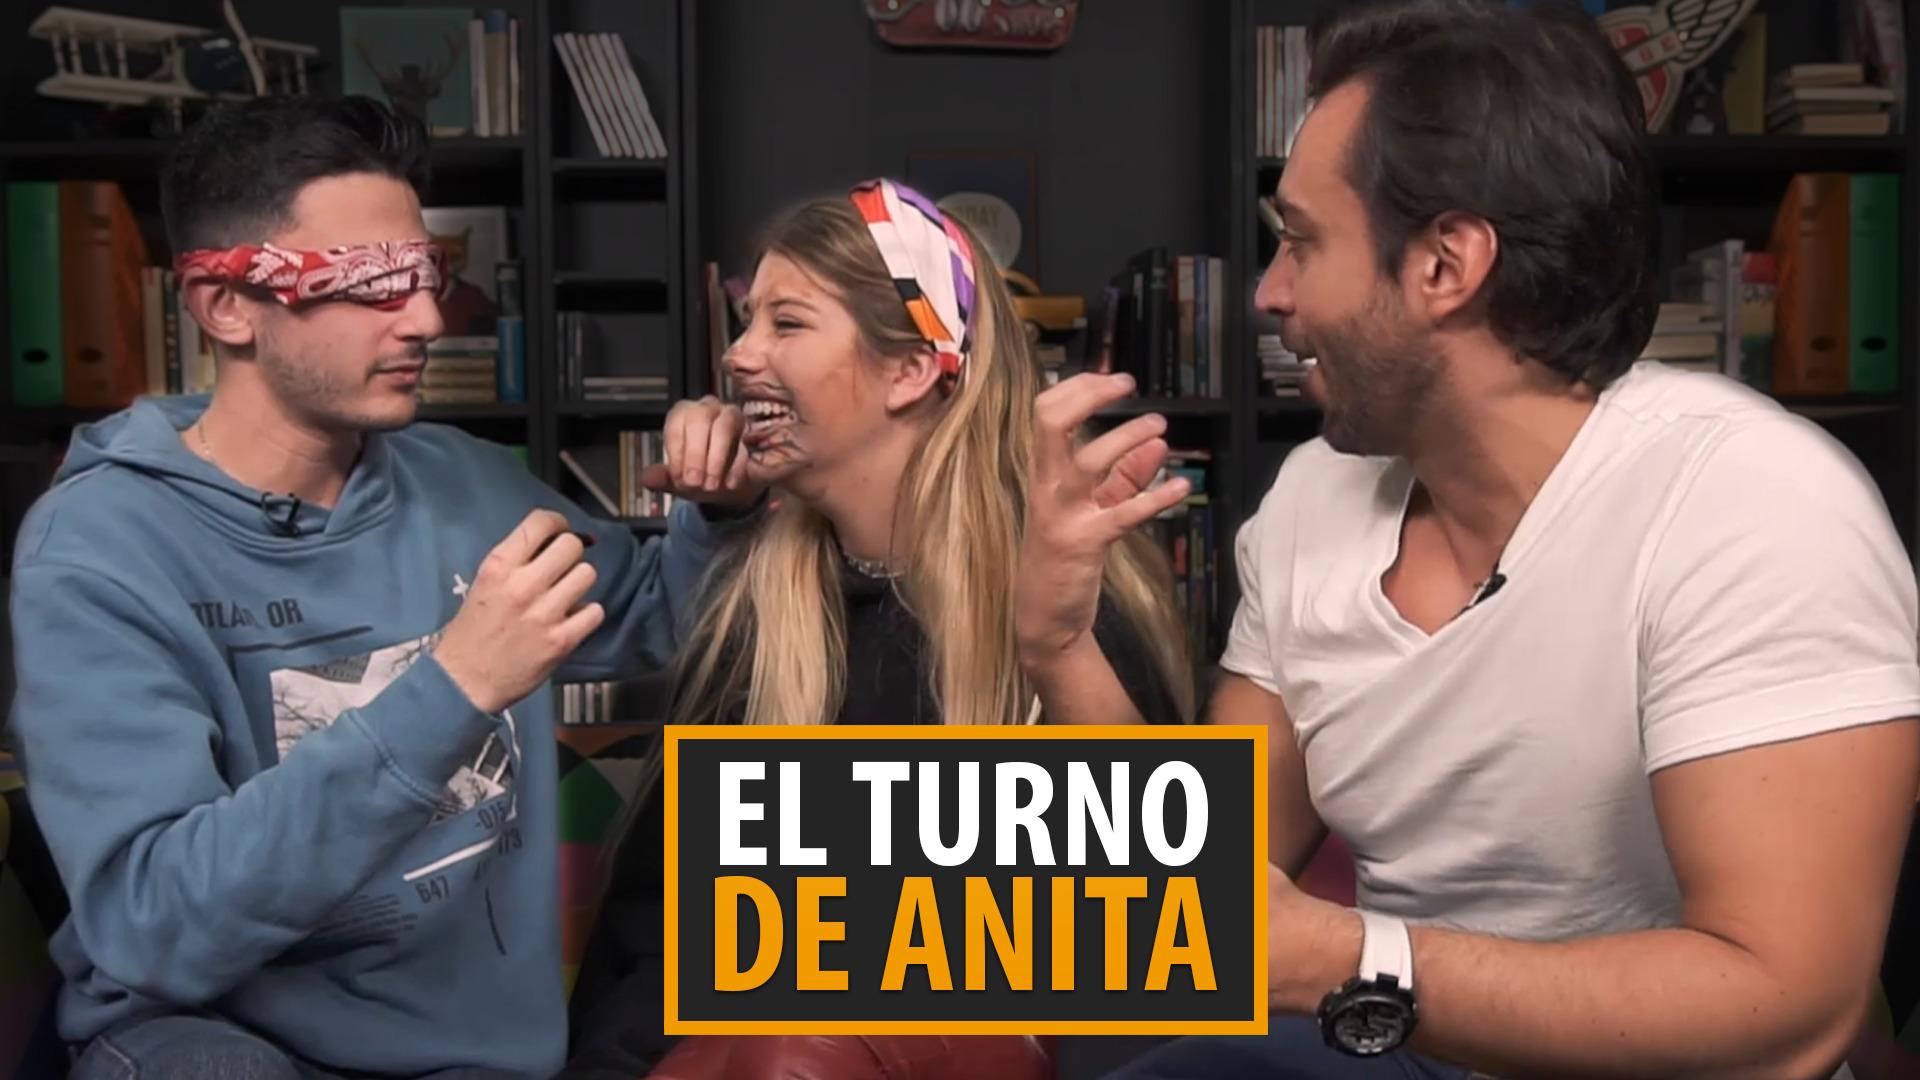 Temporada 2 El turno de Anita con Jordi Wild